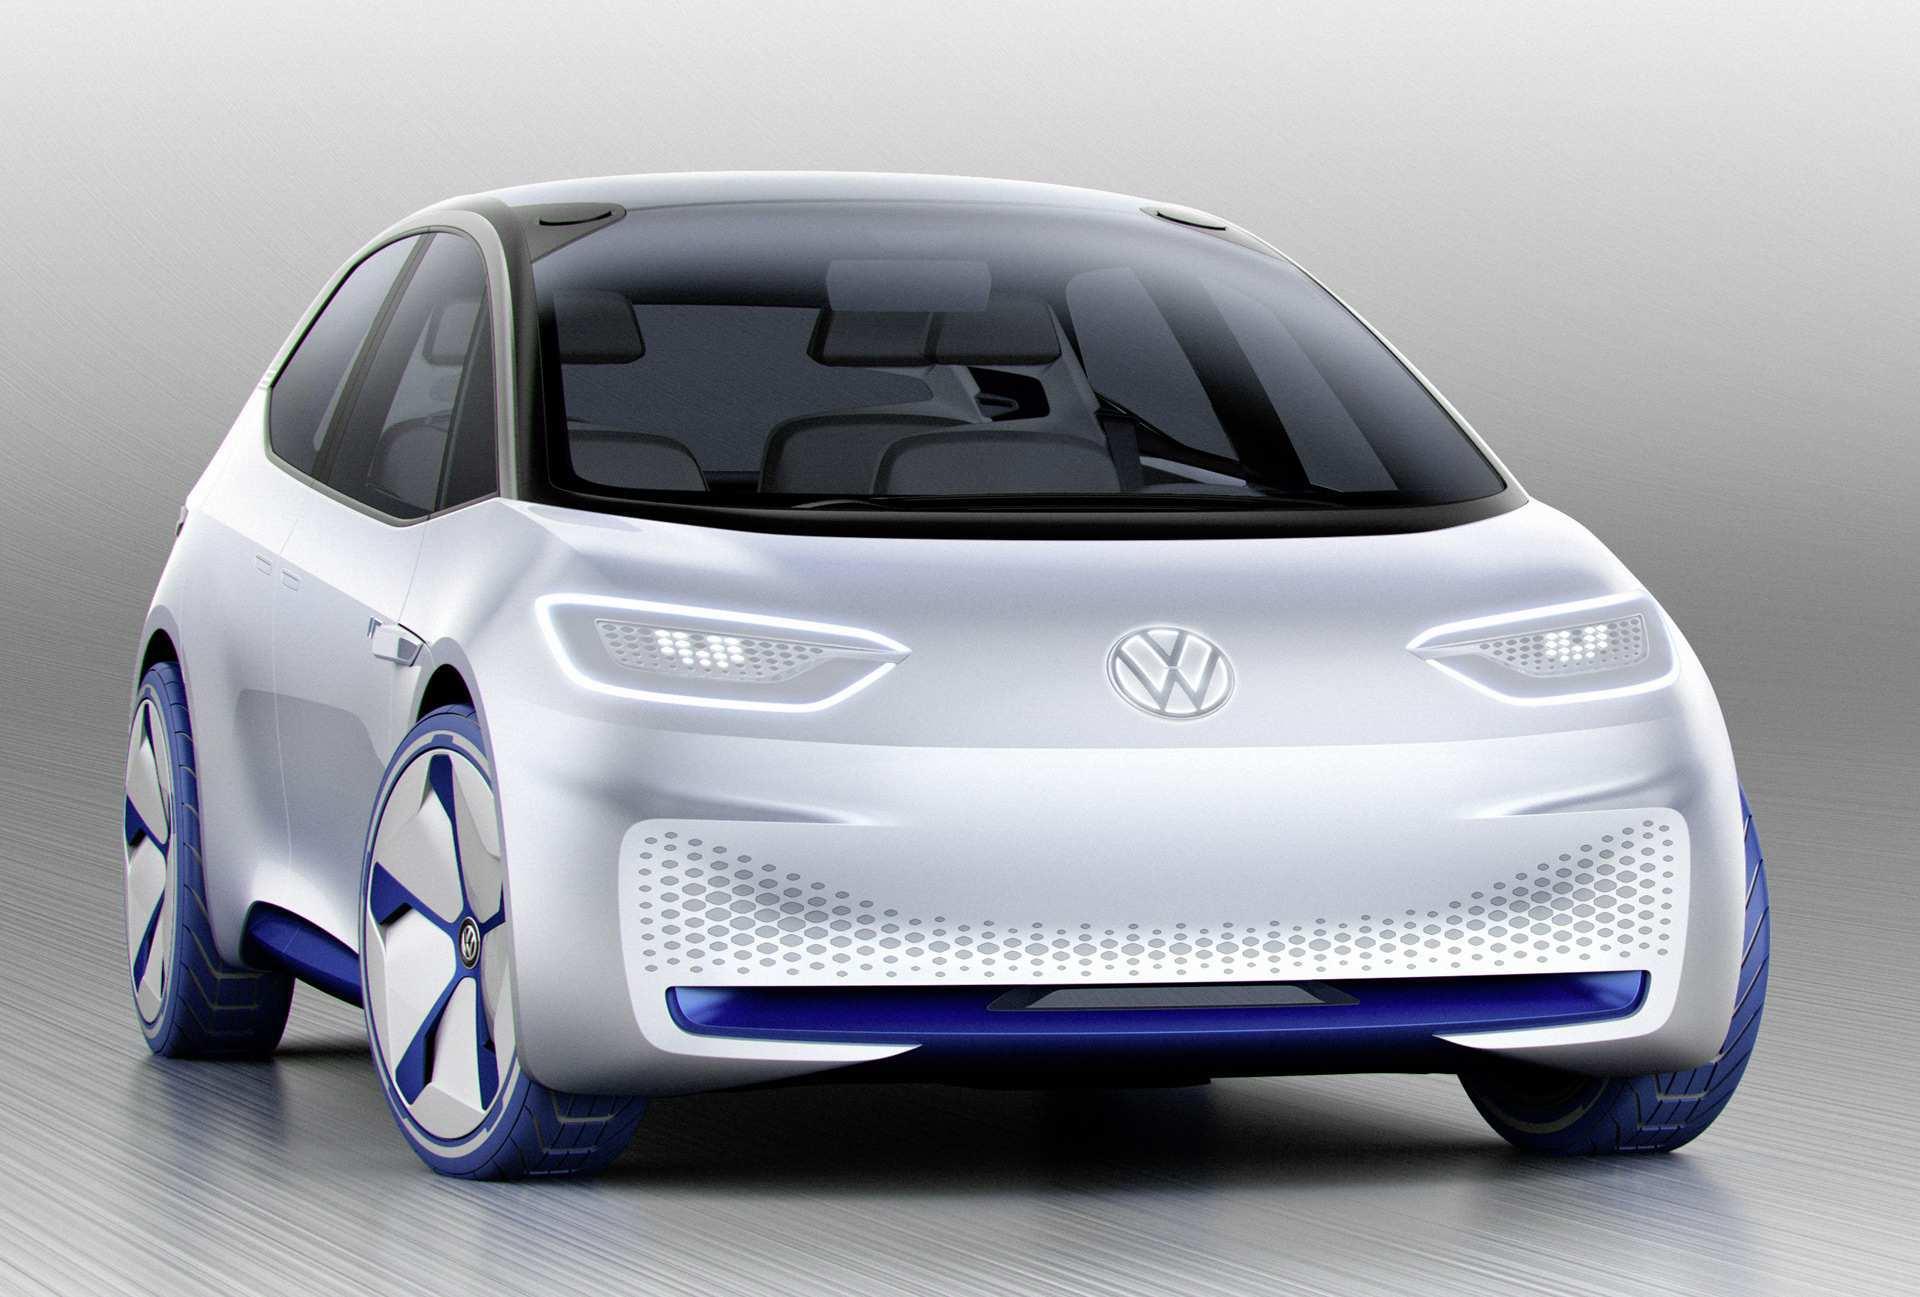 23 Concept of Volkswagen 2020 Concept Wallpaper with Volkswagen 2020 Concept